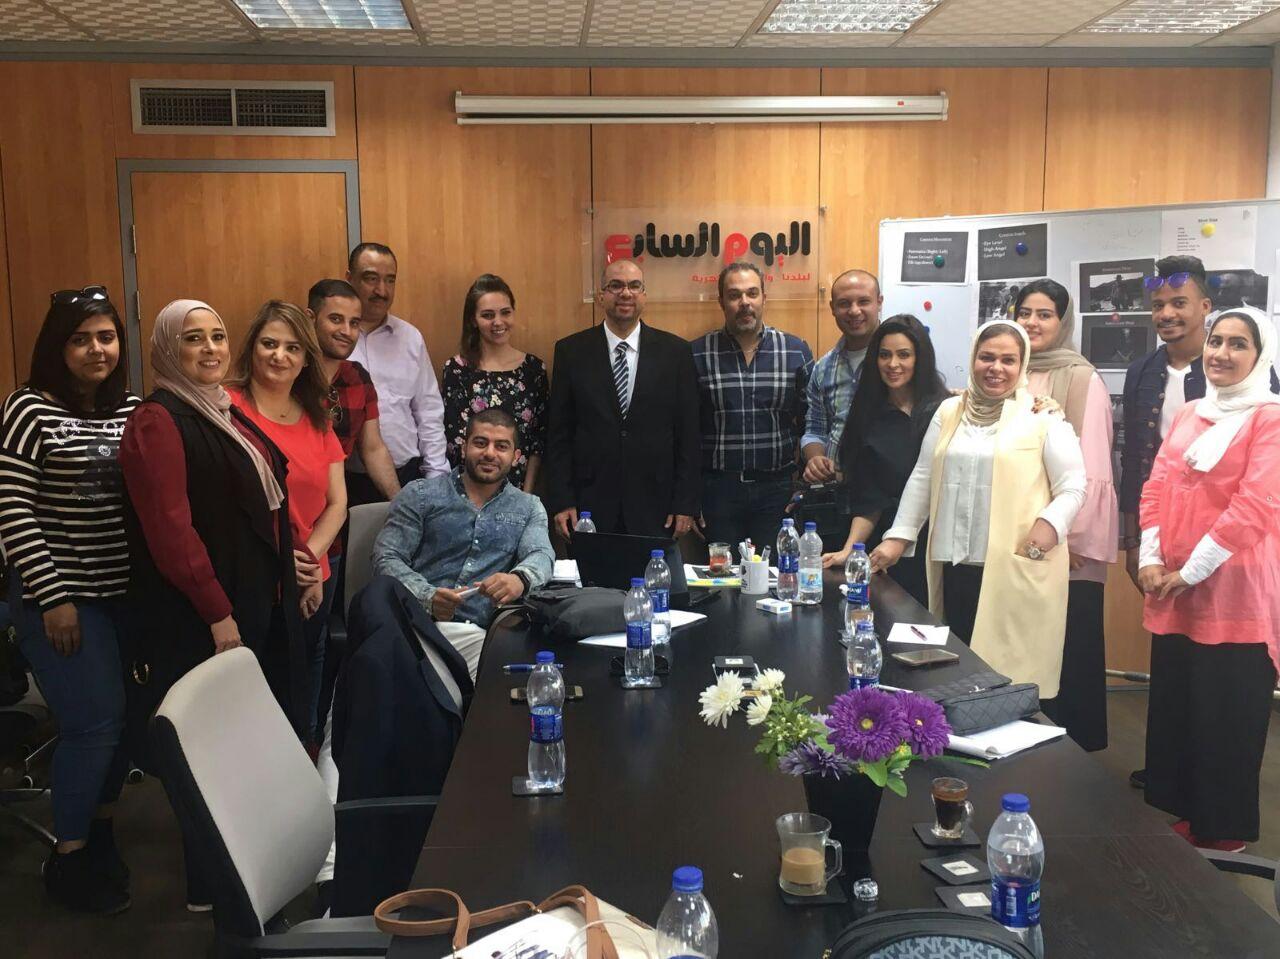 وفد الجامعة الأهلية بالبحرين يختتم زيارته للمؤسسات 4